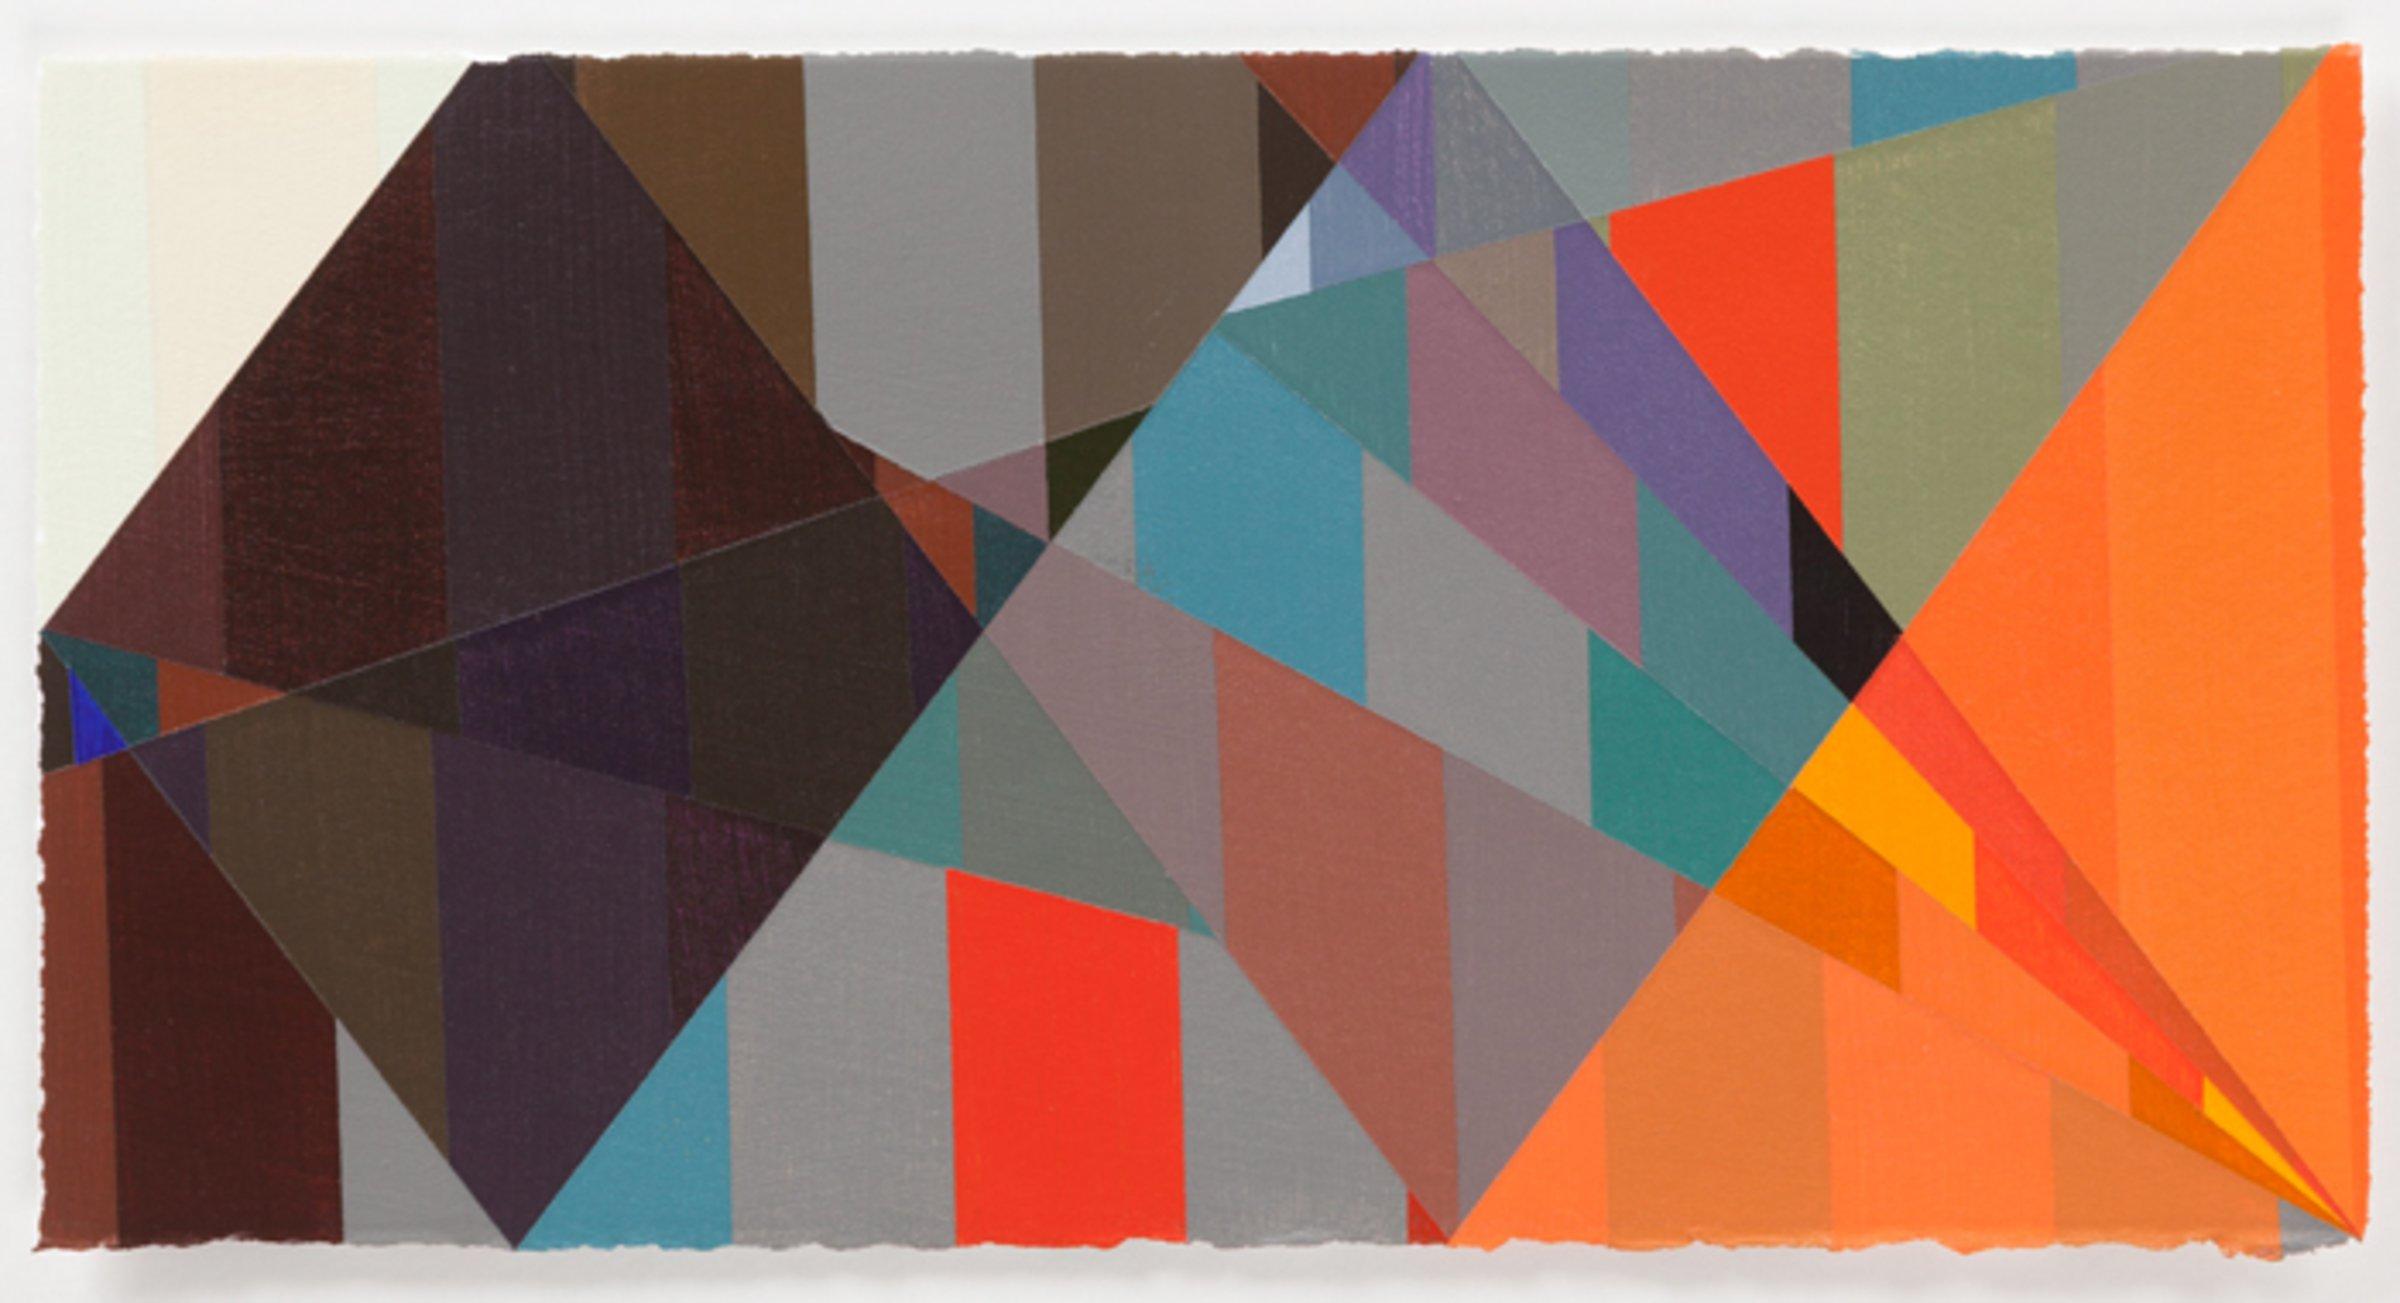 Jerry Walden, Hundred Thirty Eight (Moderna), 2014